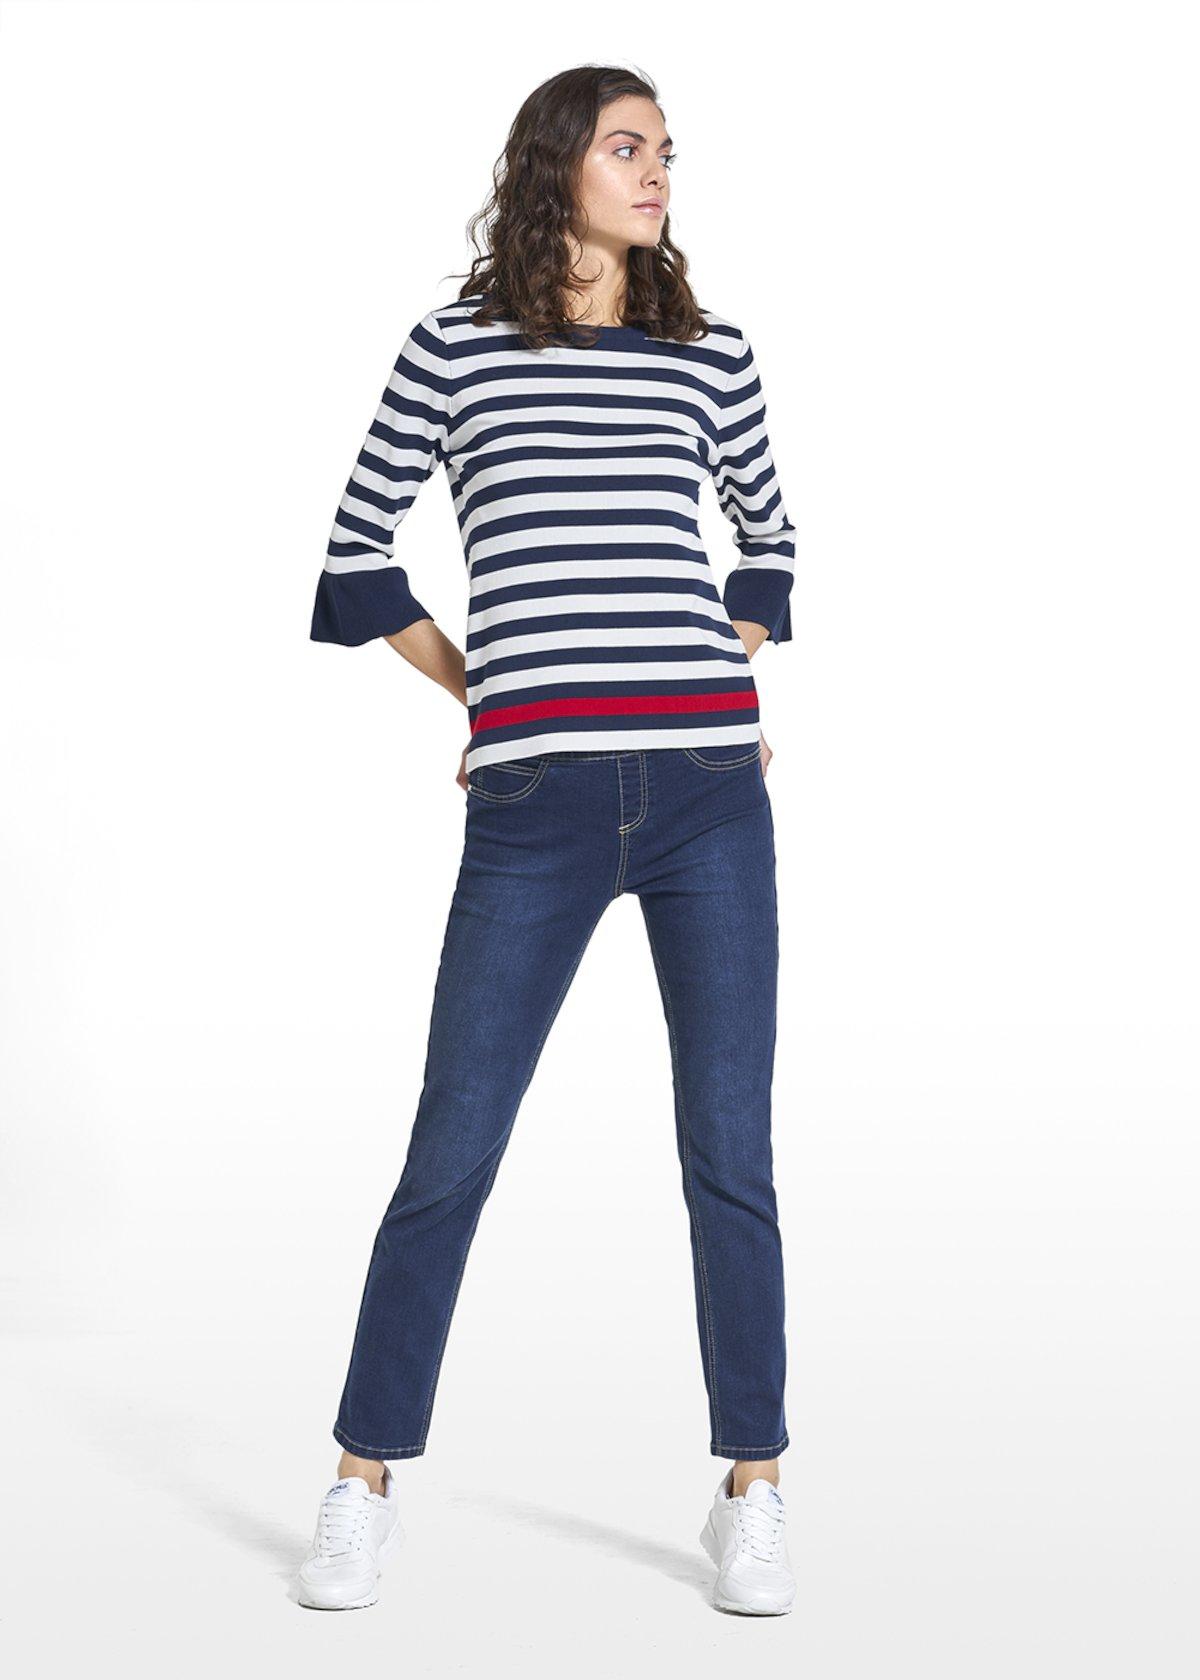 Maglia Marilyn stampa a righe con dettaglio rouches - White / Blue Stripes - Donna